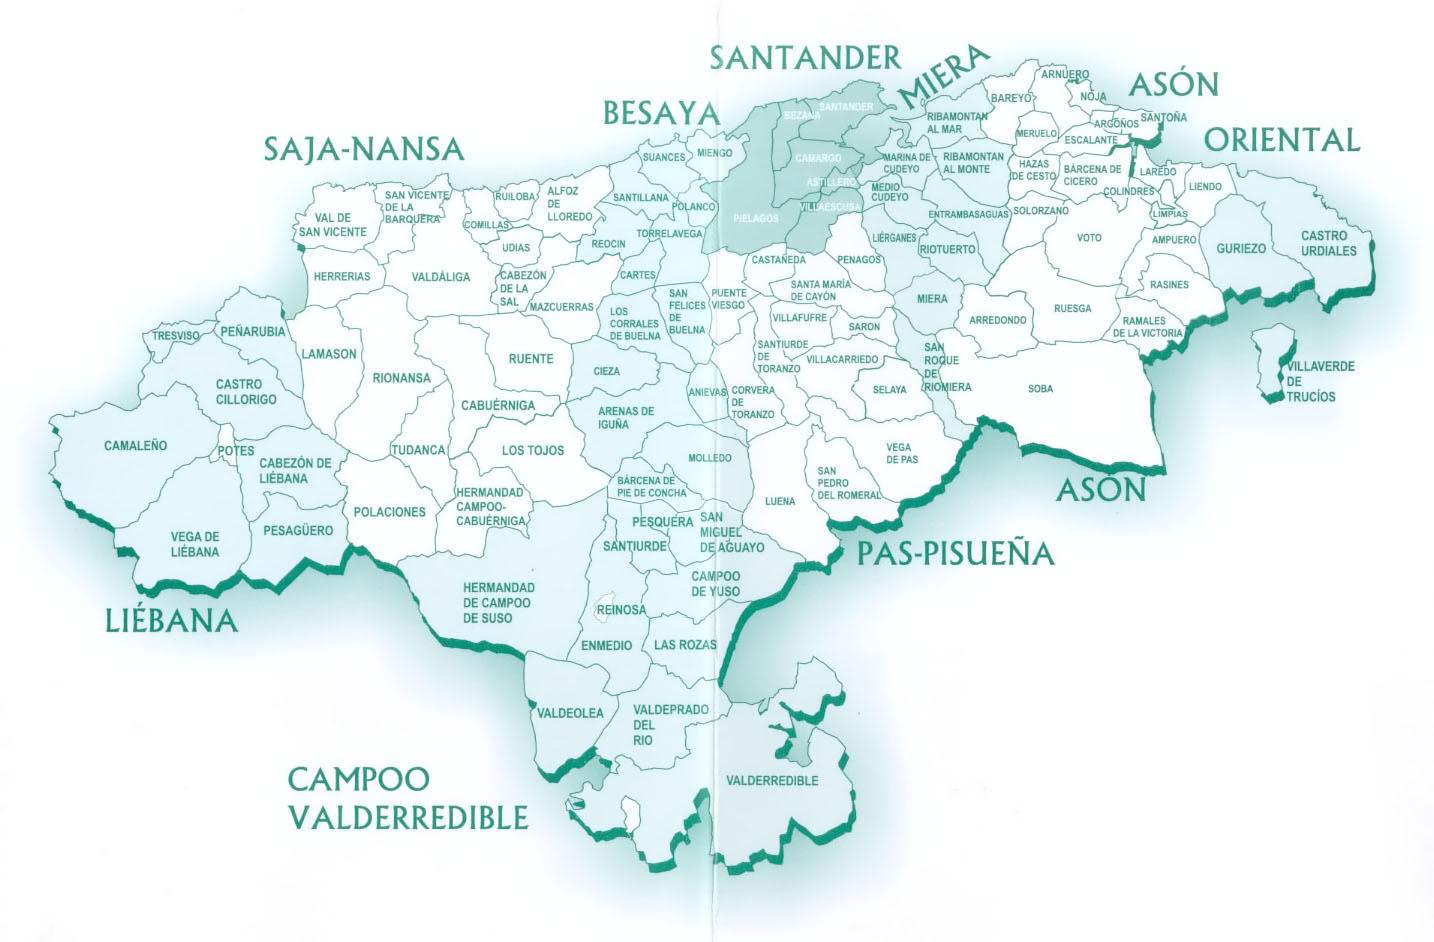 http://www.mapade.org/wp-content/uploads/Mapa-pol%C3%ADtico-de-Cantabria.jpg